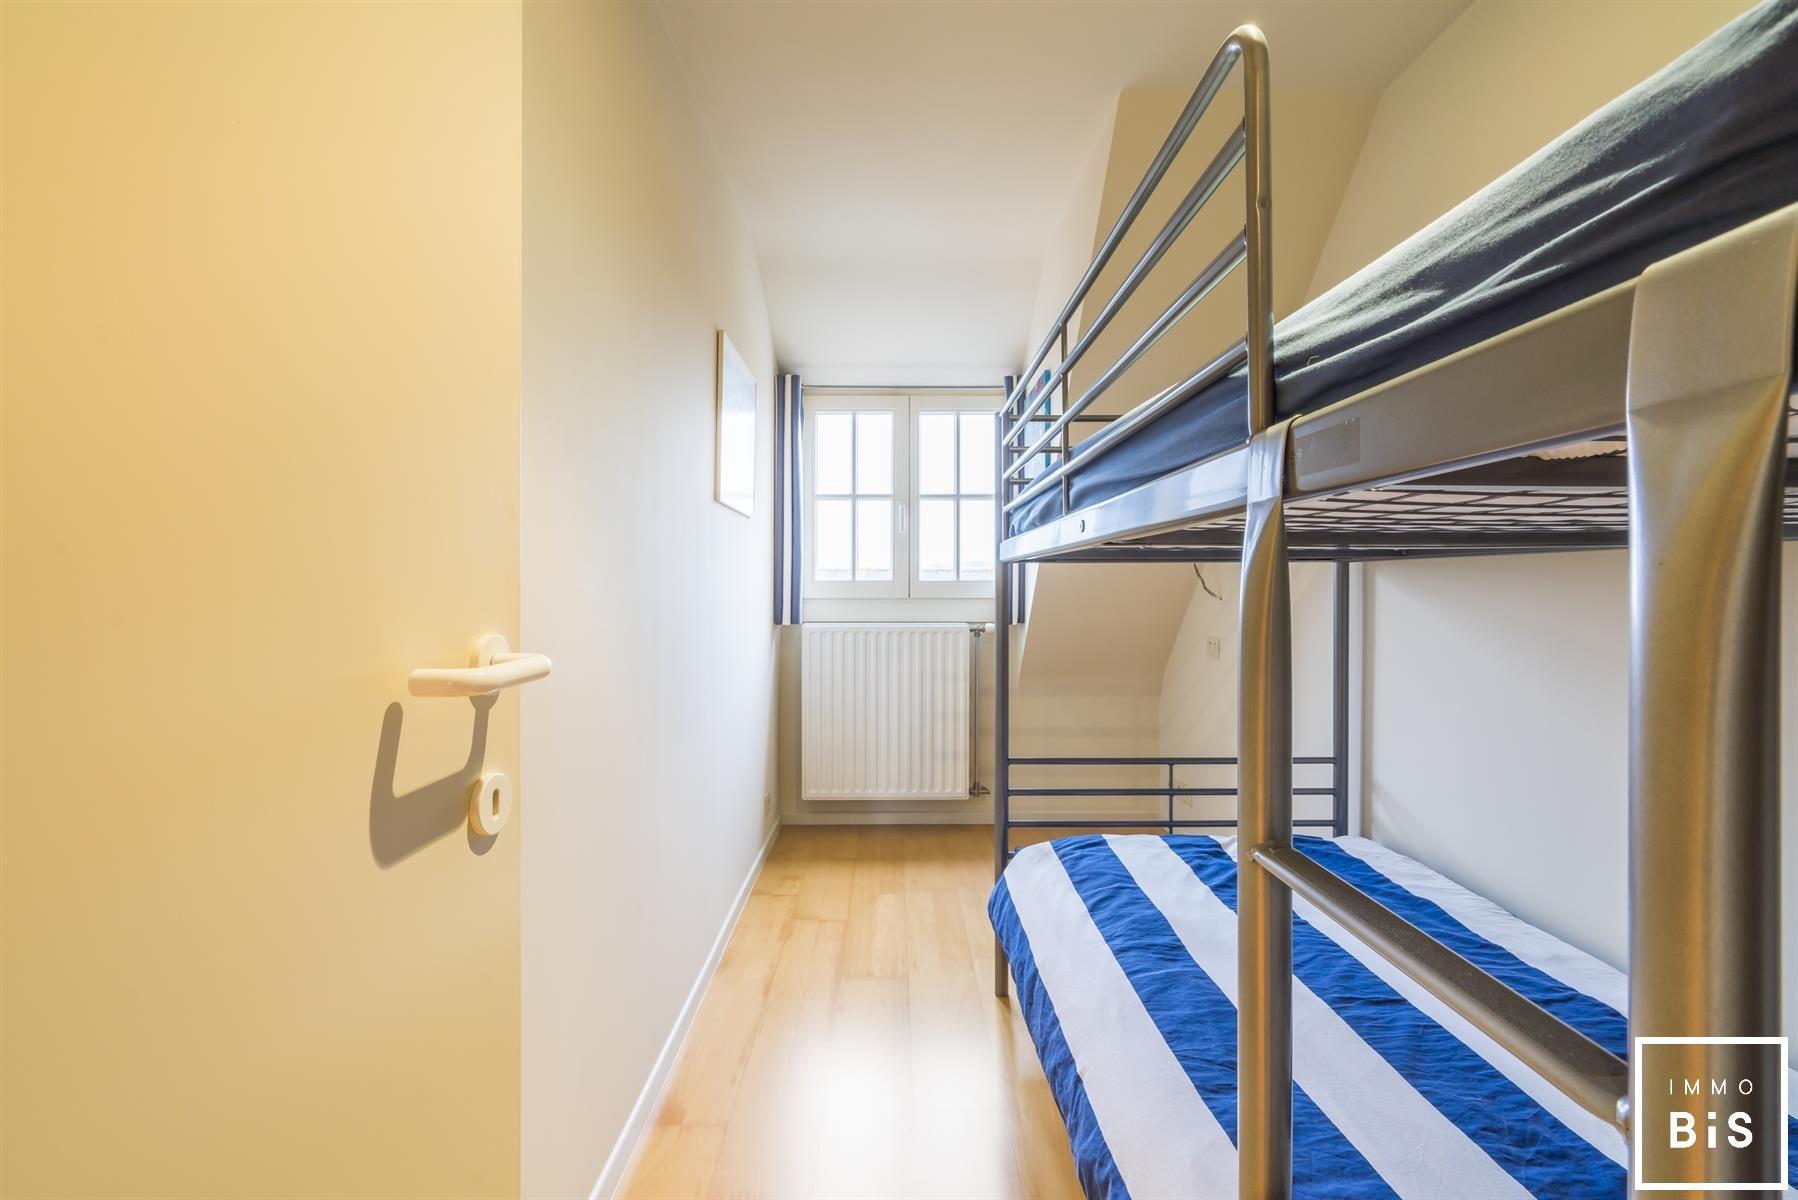 Mooie bel-étage met 4 slaapkamers en een uniek zicht 16